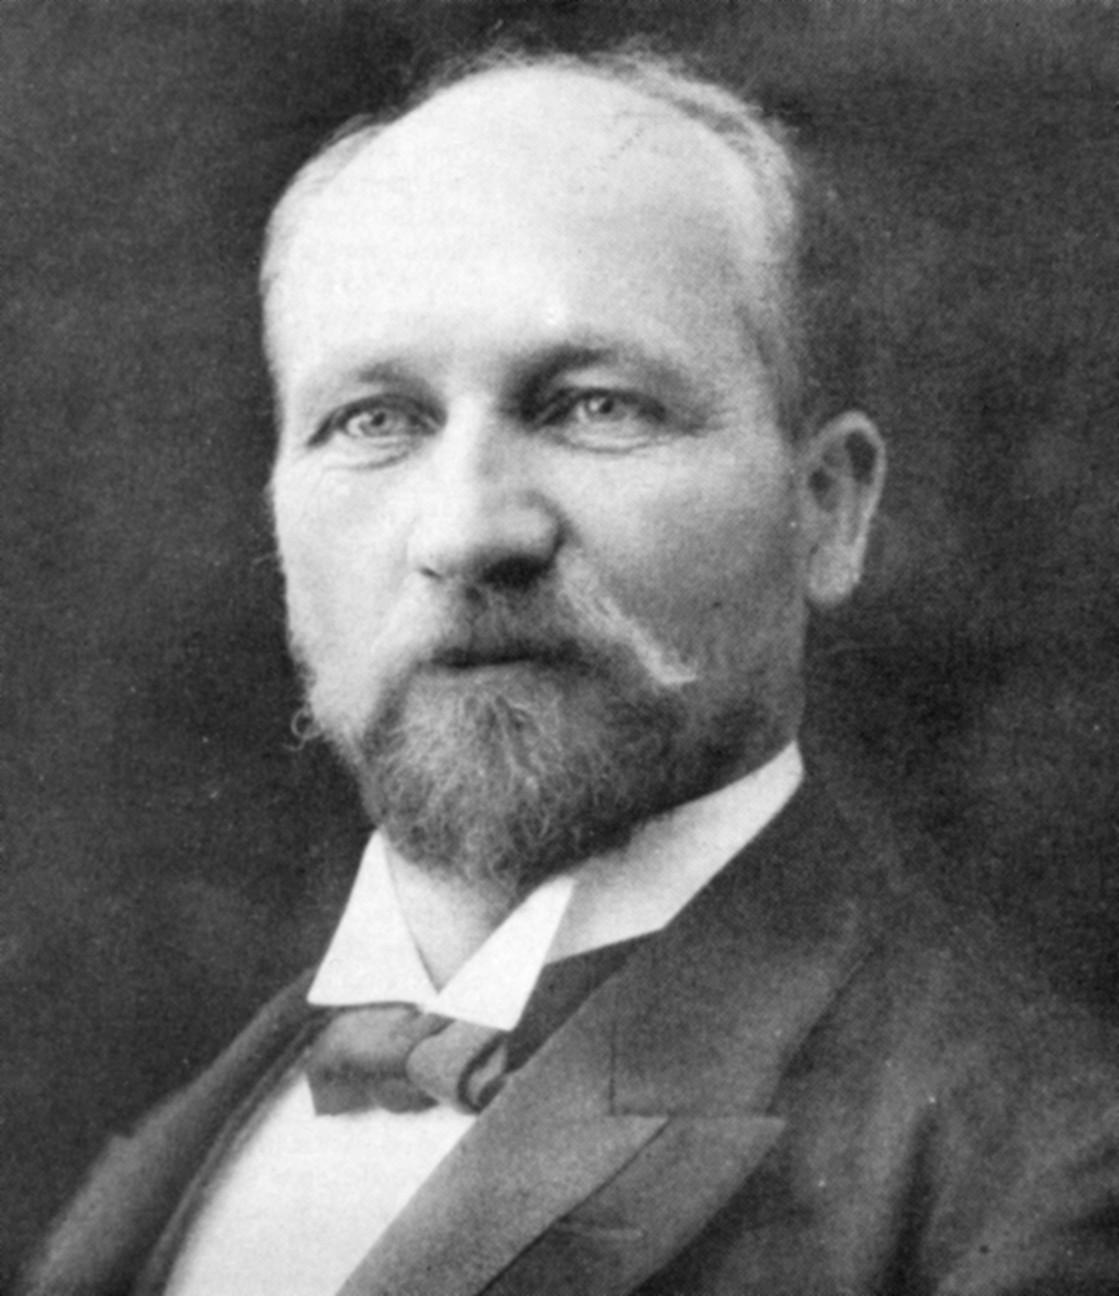 Depiction of Carl Anton Larsen